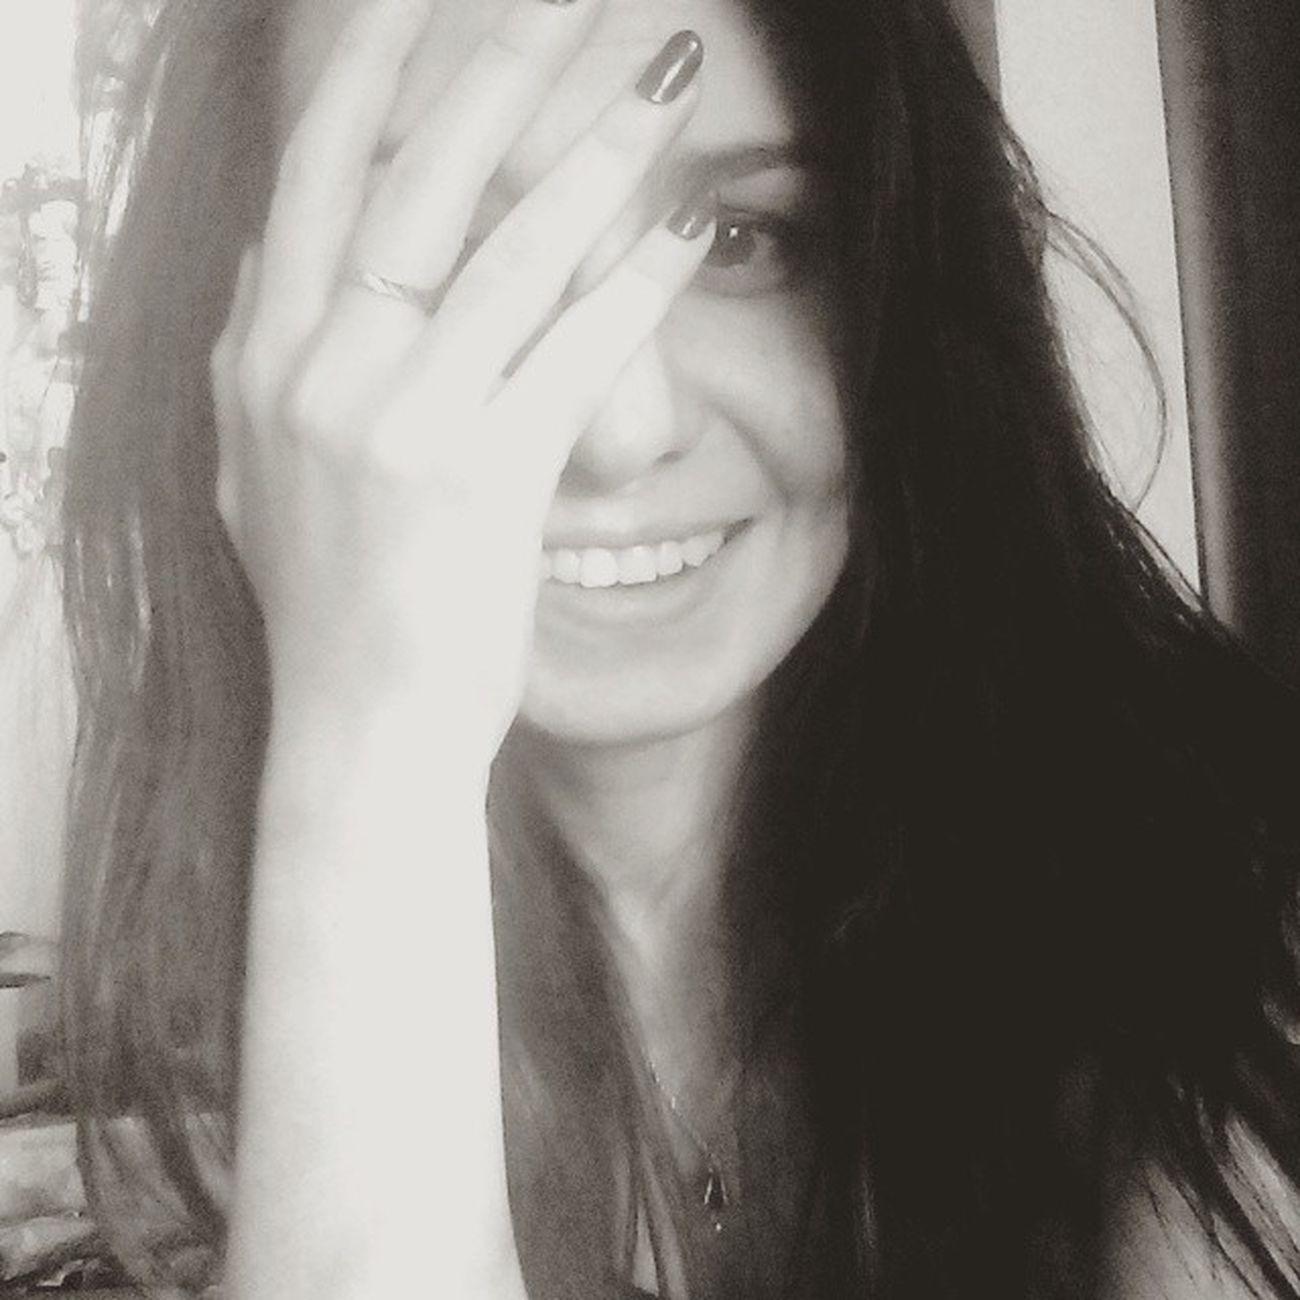 Все давным давно спят,а кто-то только вернулся с работы 😒спать хочуу)) доброй ночи всем))😴🌃 Imhomenow Selfie Night Bored goodnigthsmilegirlдобройночимилыйдомрукалицоусталостьулыбка